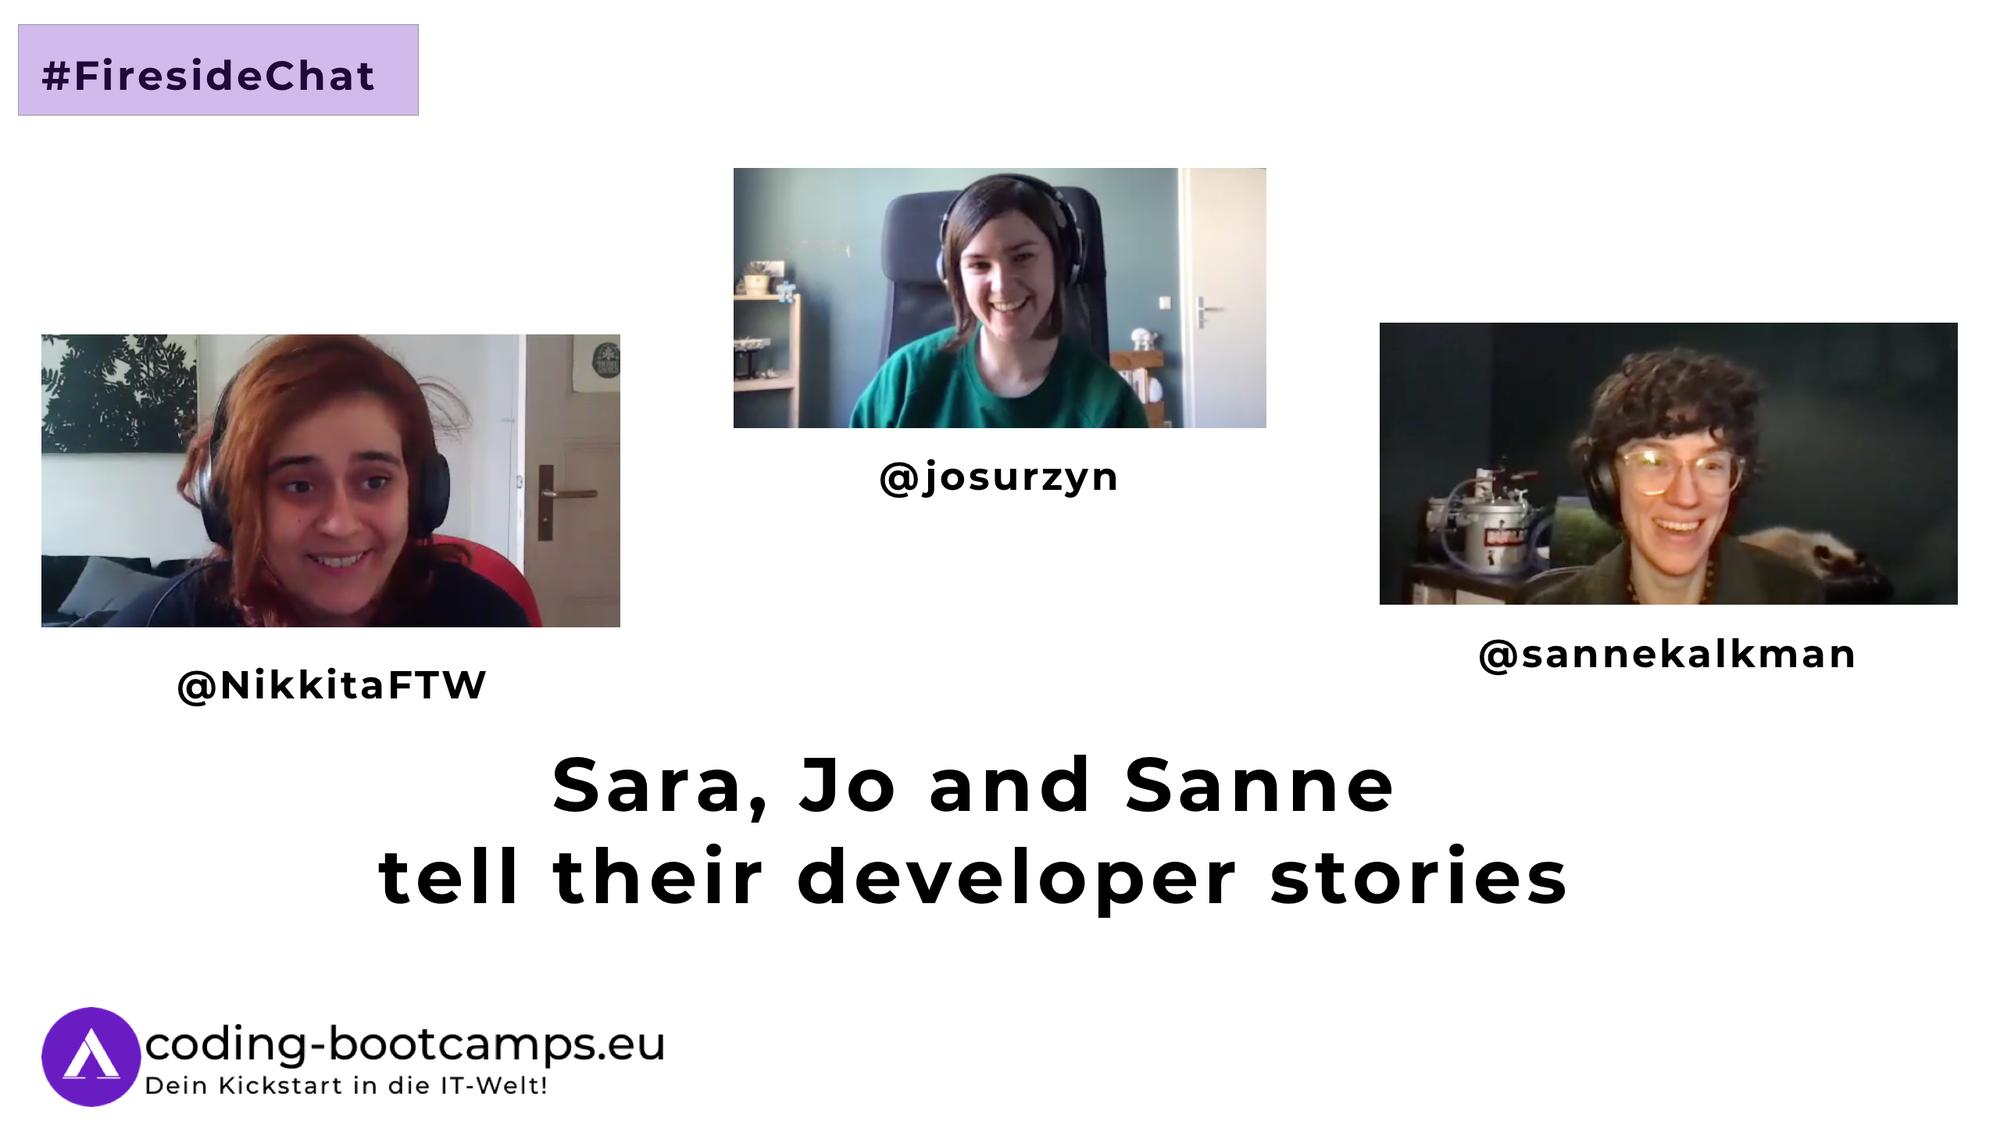 Women in Tech: Fireside Chat mit drei Entwicklerinnen